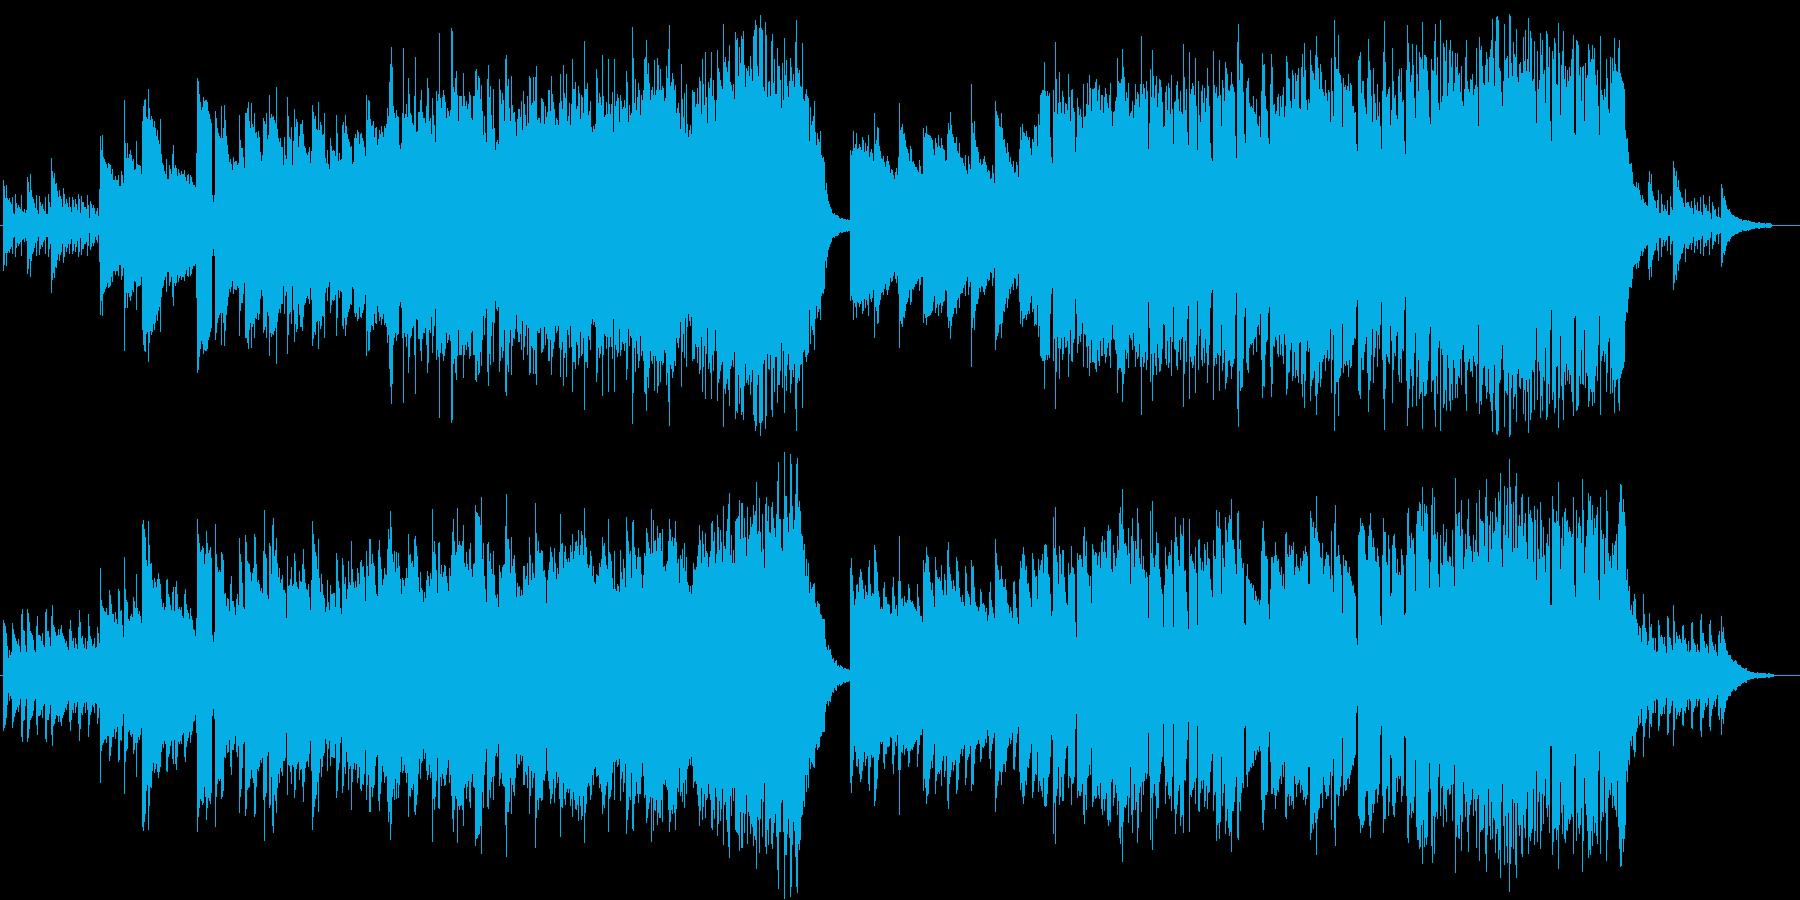 ピアノイントロから始まる希望に満ちた曲Aの再生済みの波形